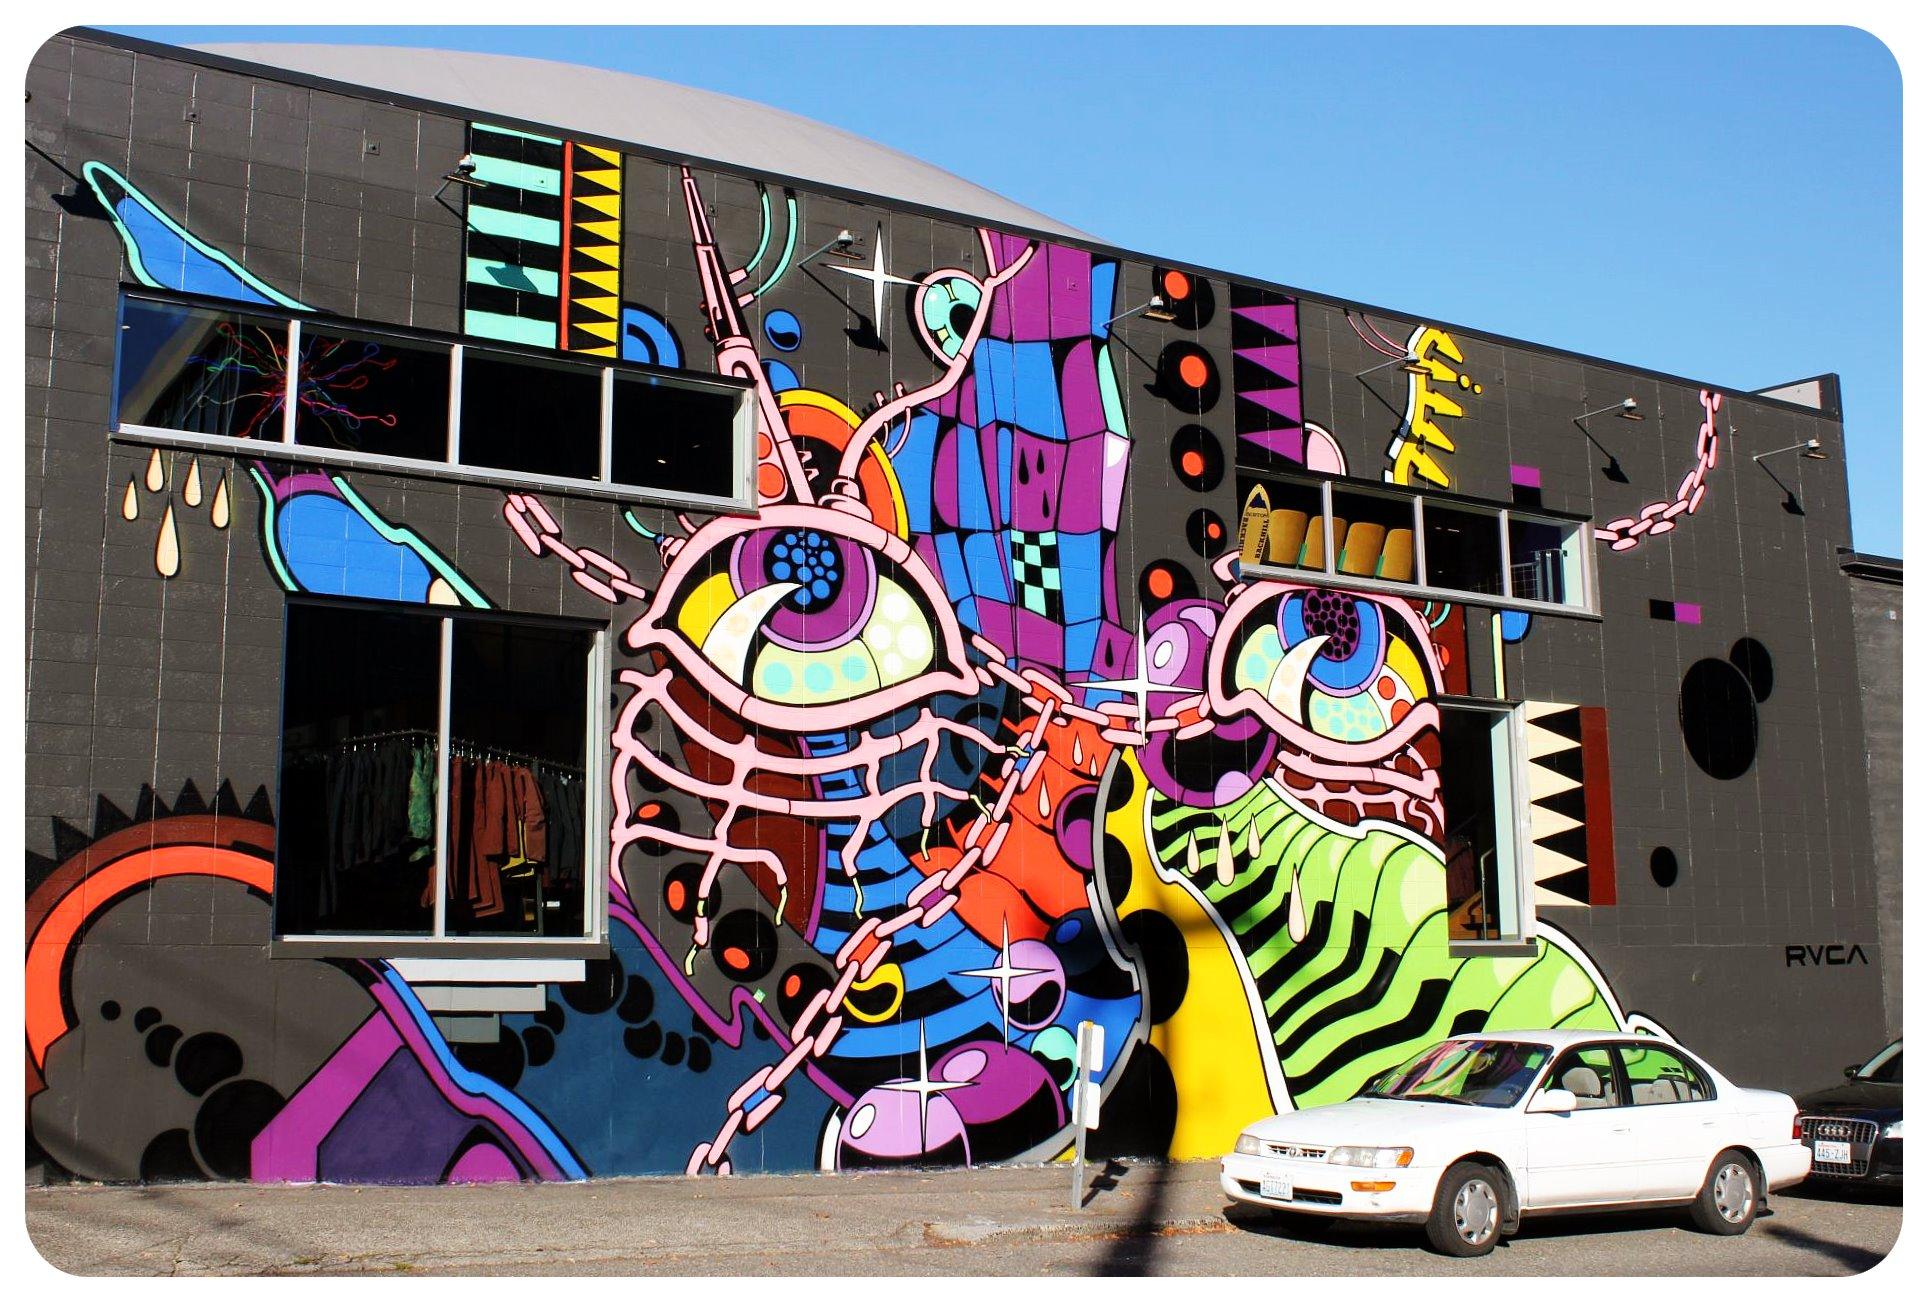 seattle fremont street art